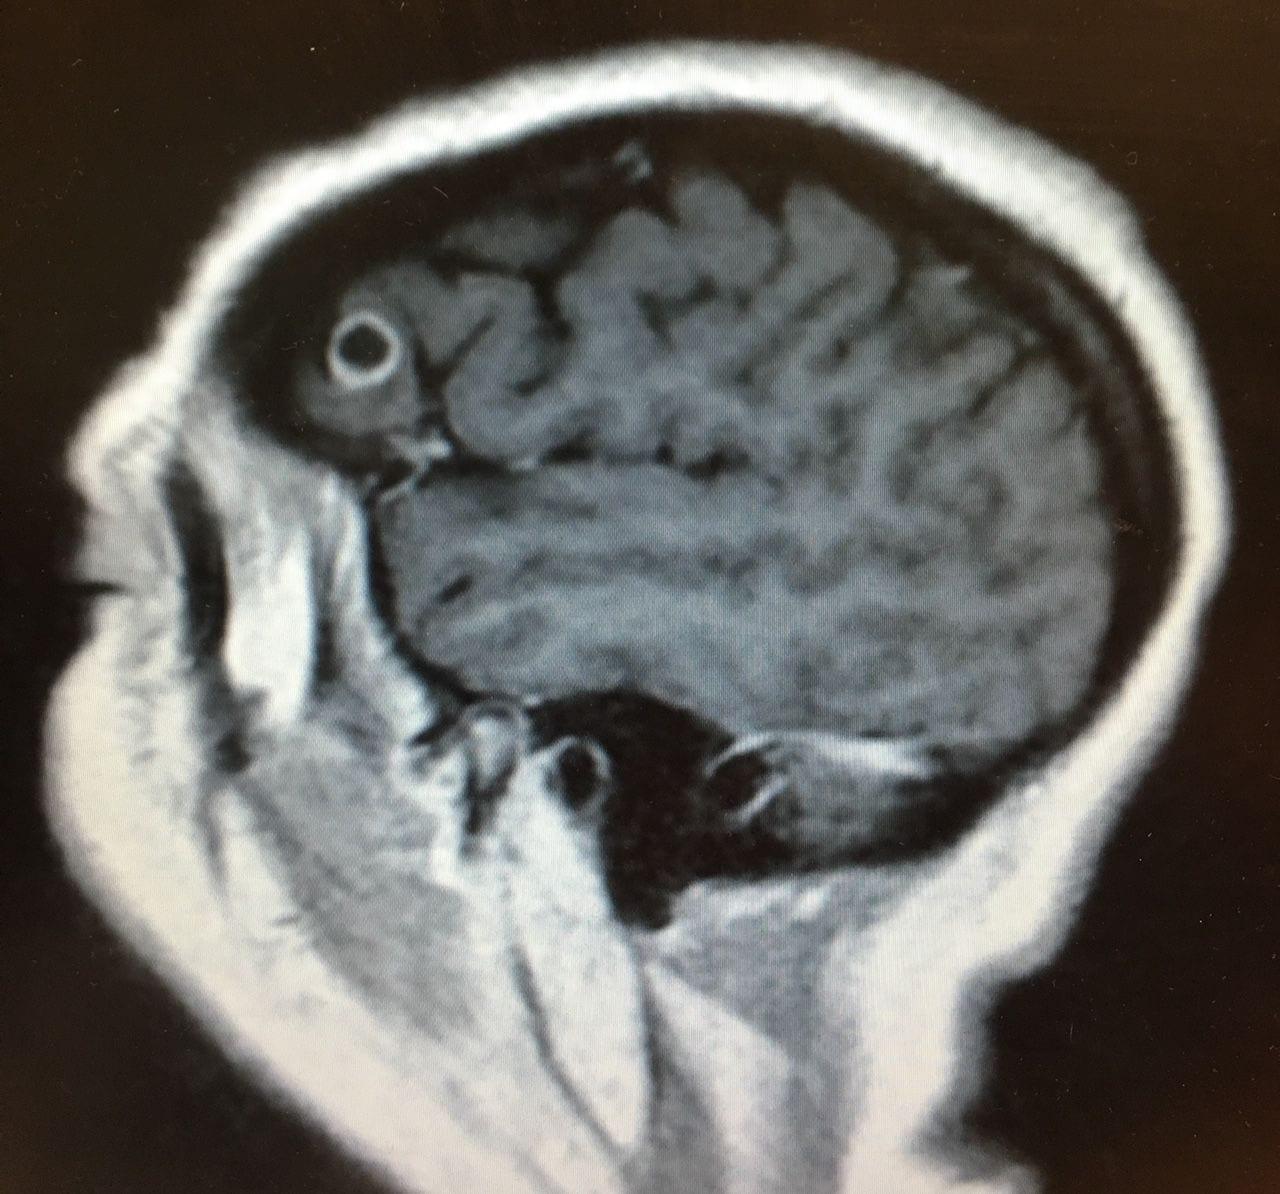 parazita az agyban férgek gyógyszere egy egész személy számára